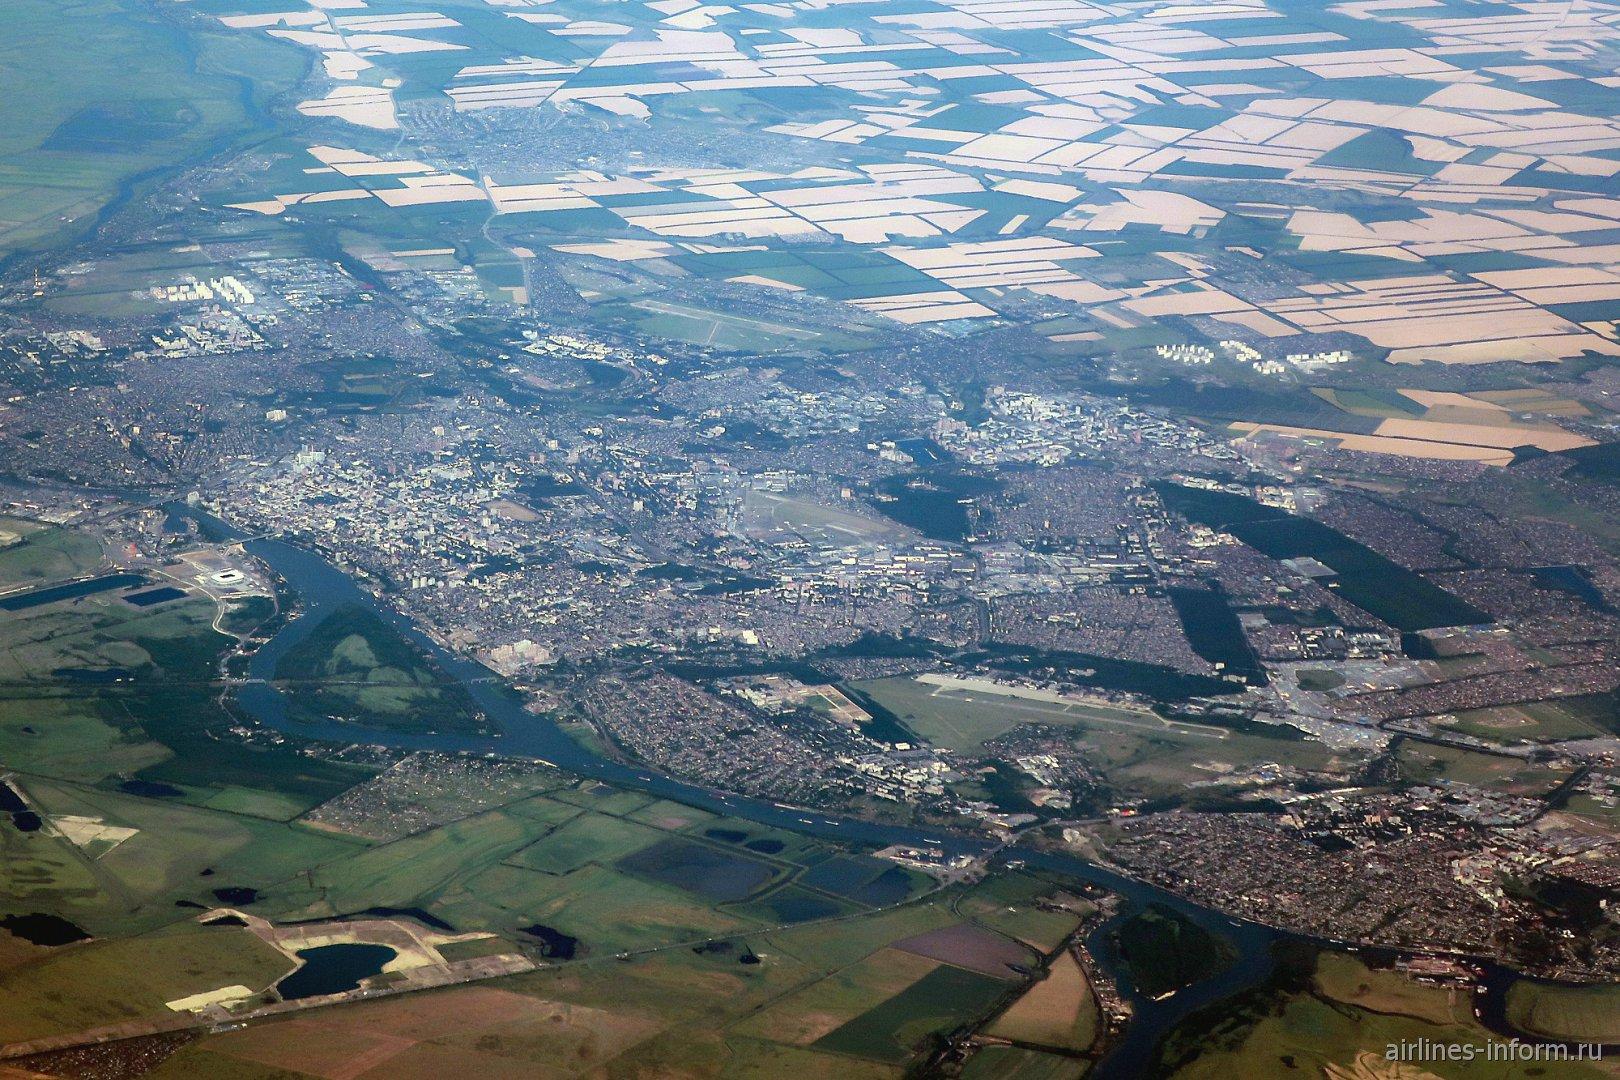 Вид из иллюминатора пролетающего самолета на город Ростов-на-Дону